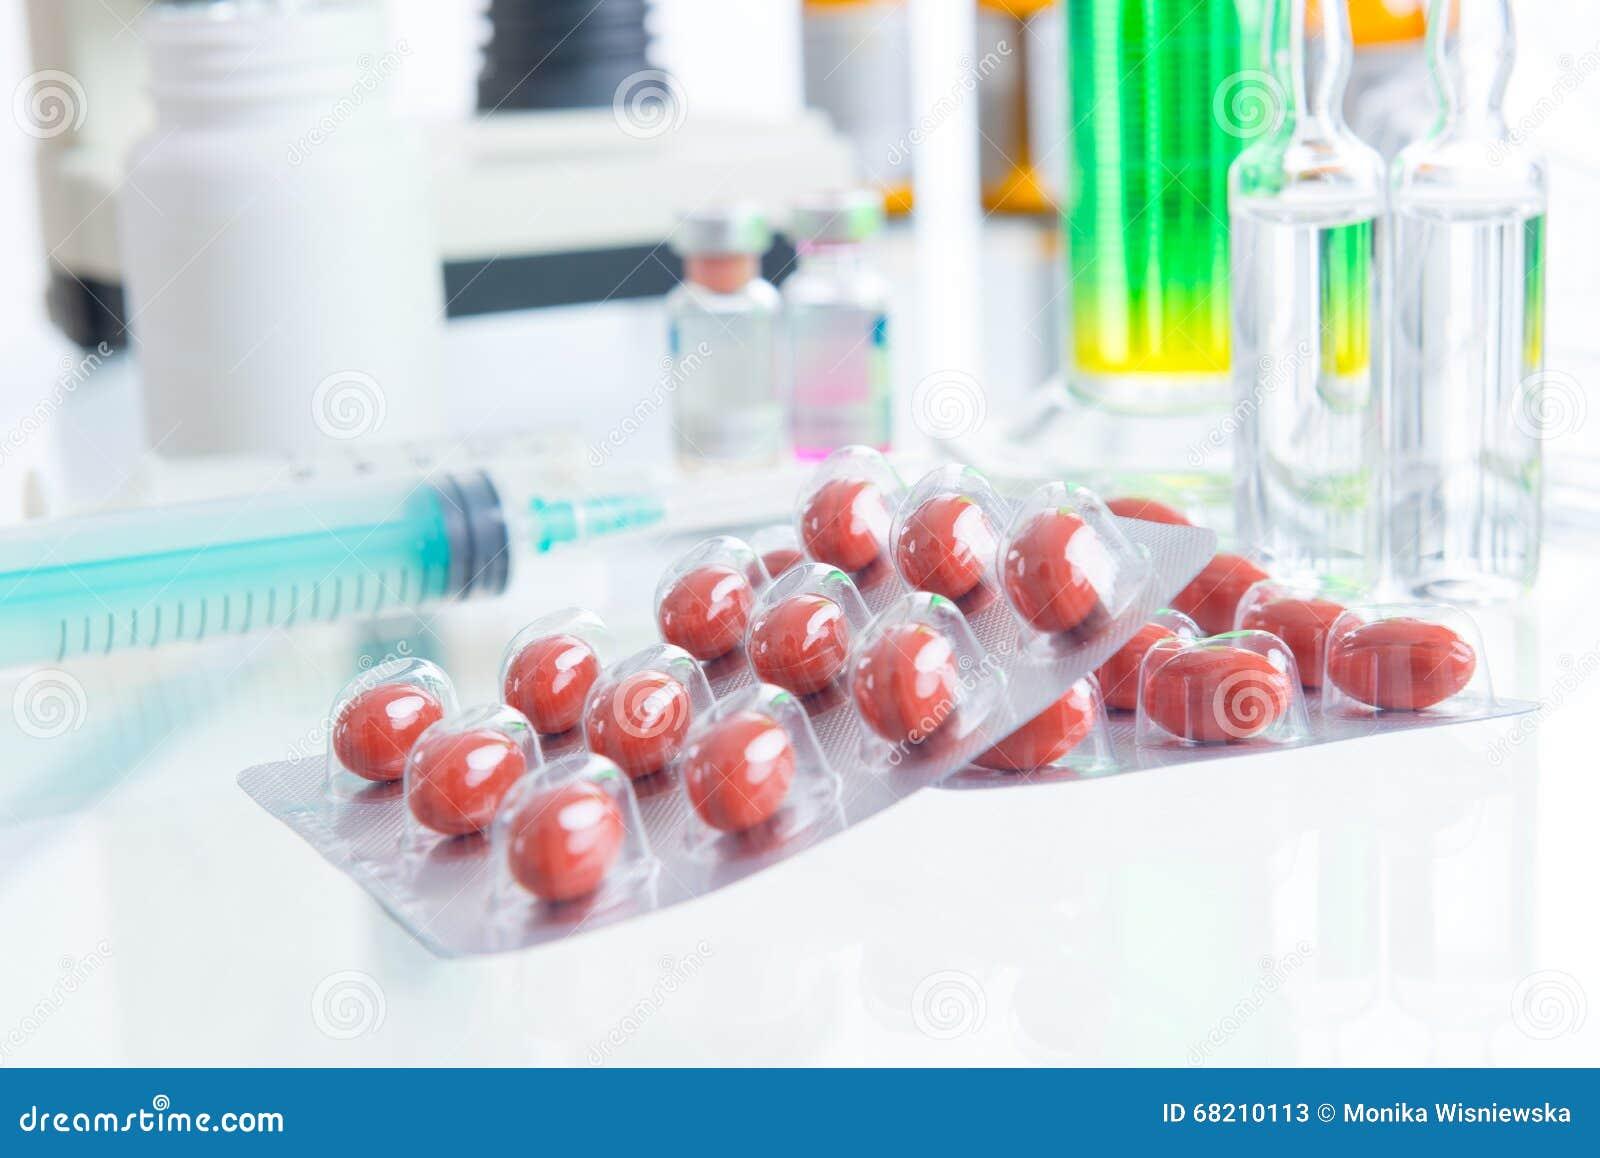 Placebopreventivpillerar och injektion